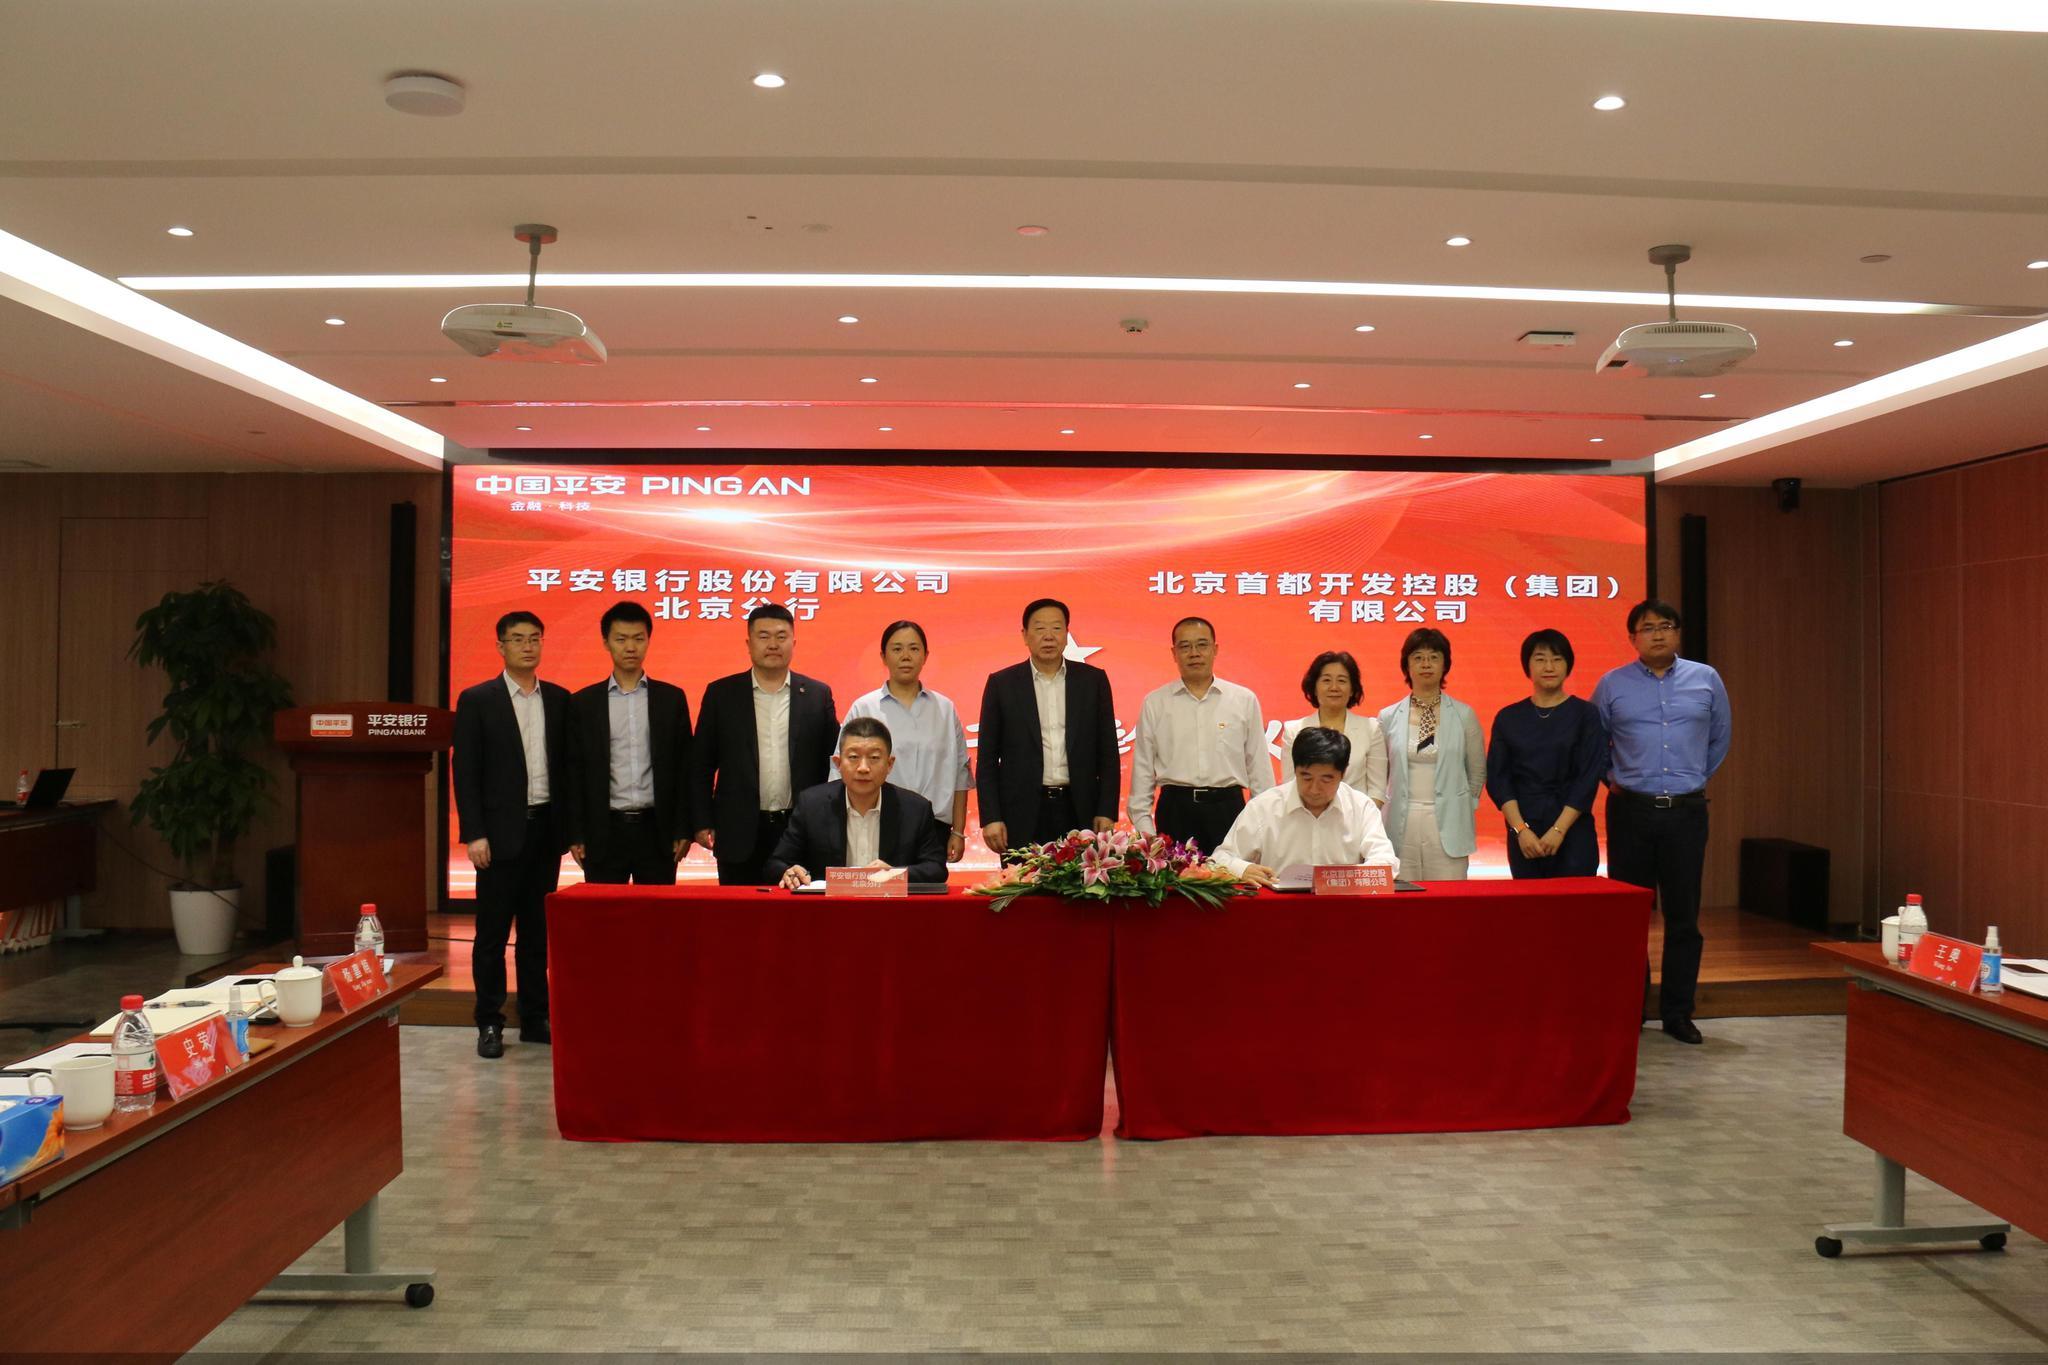 平安银行北京分行与首开集团签署战略合作协议